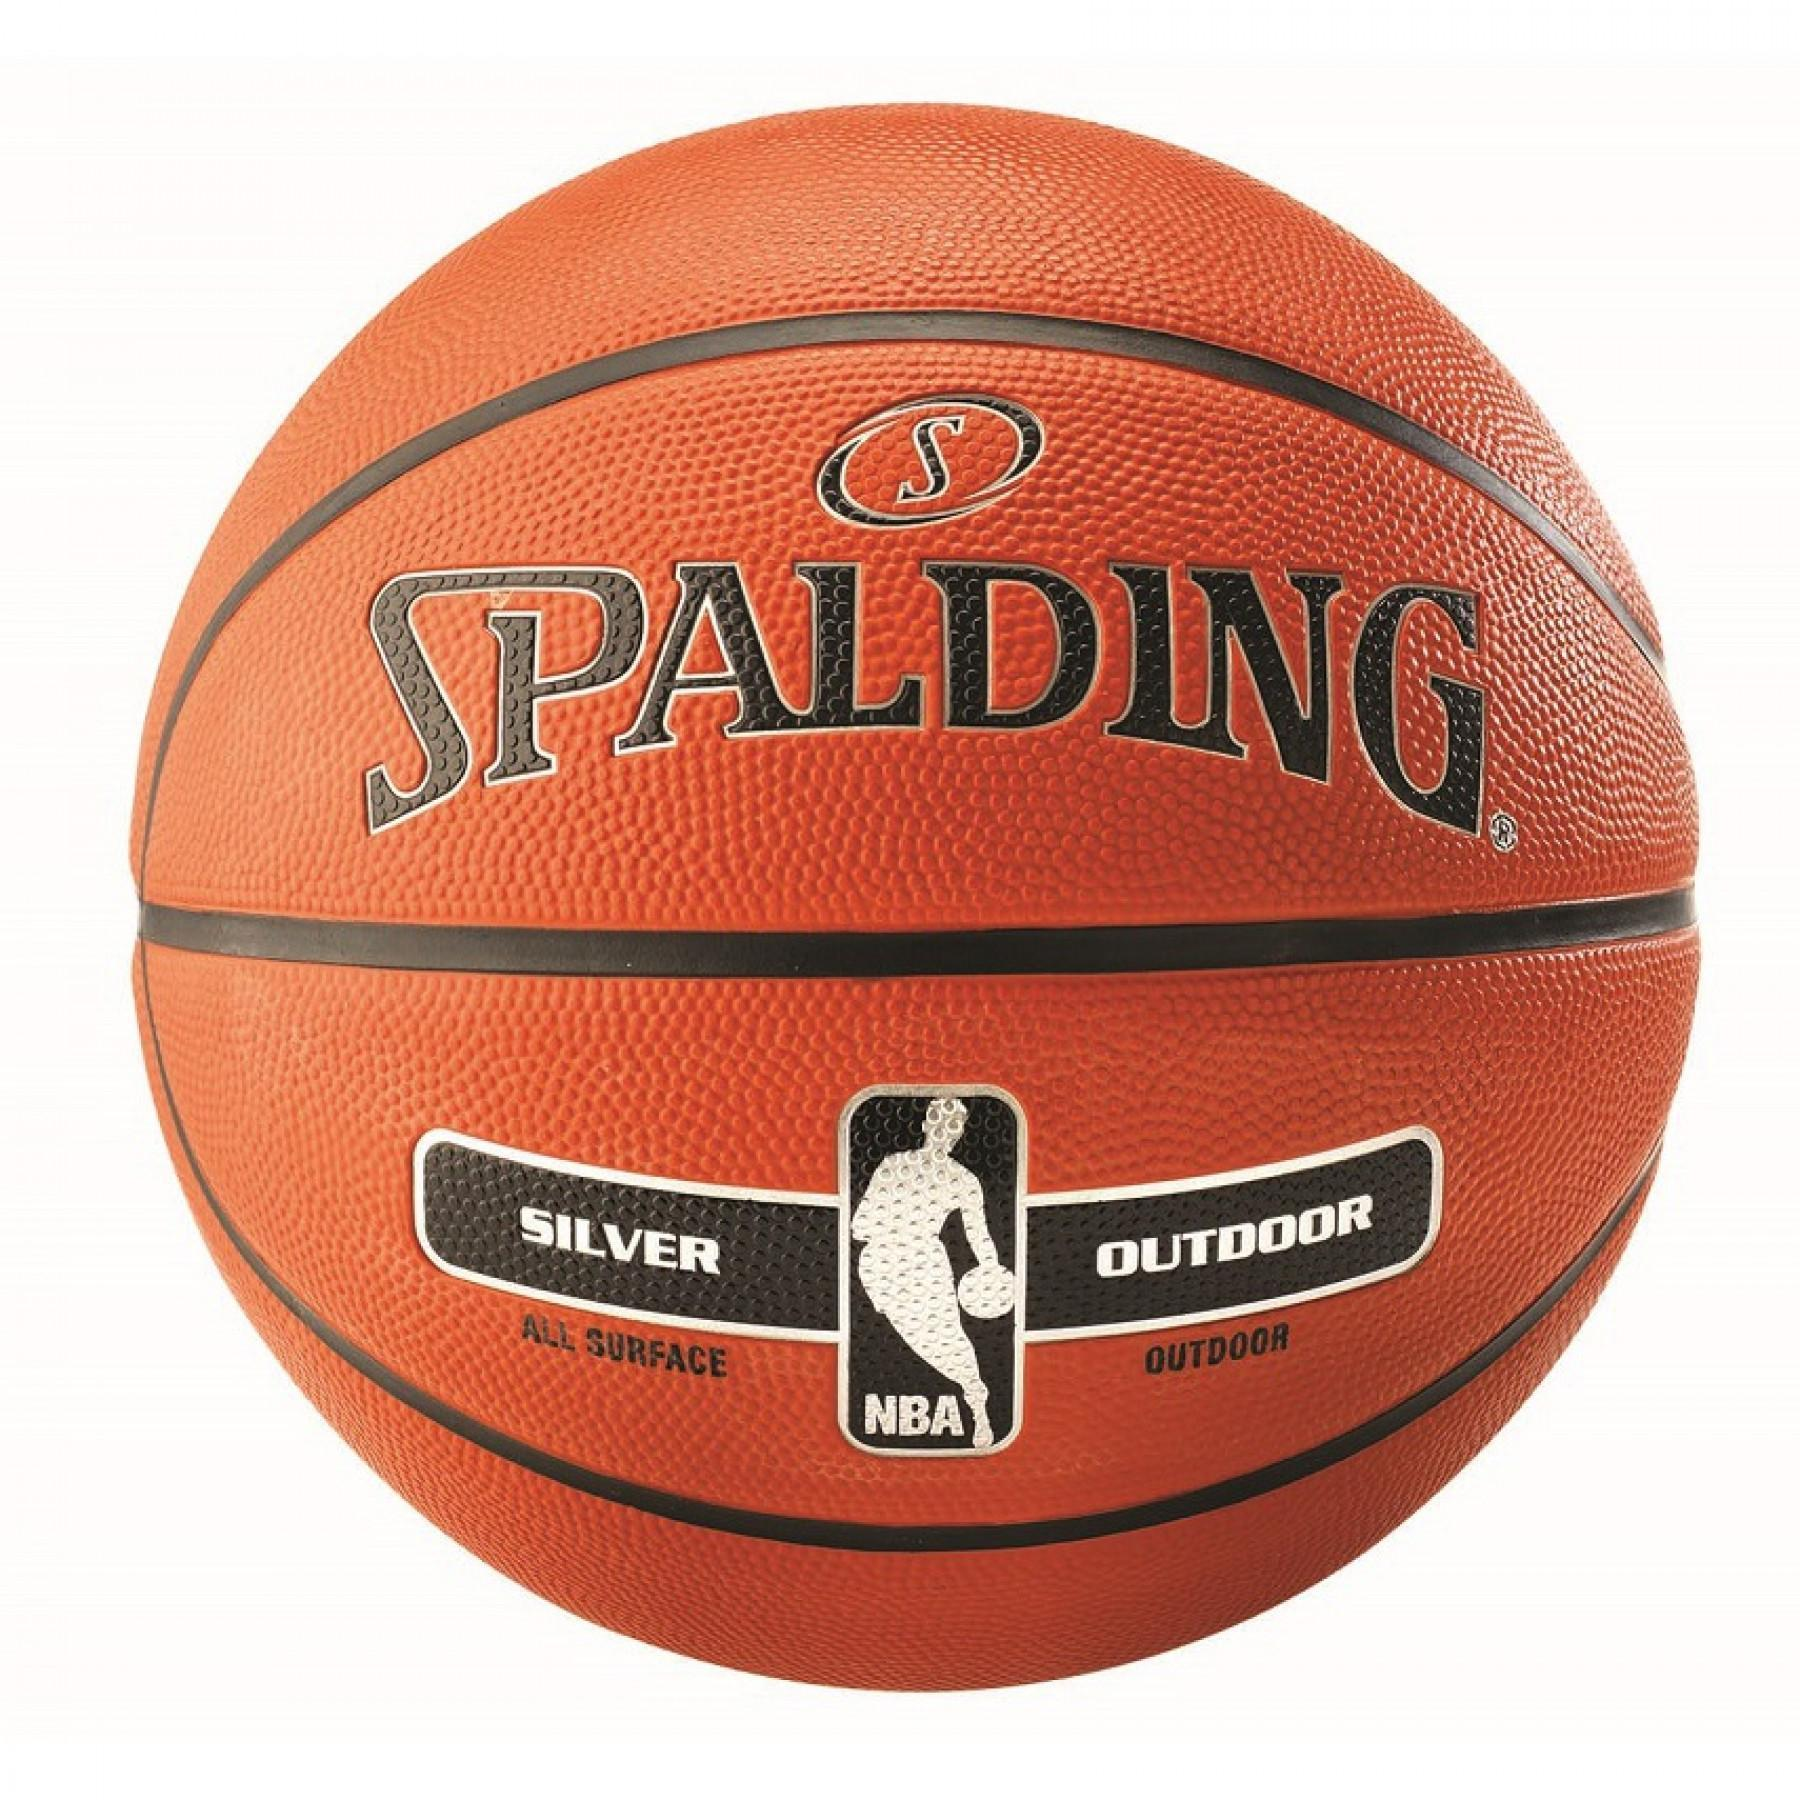 Balloon Spalding NBA Silver Outdoor